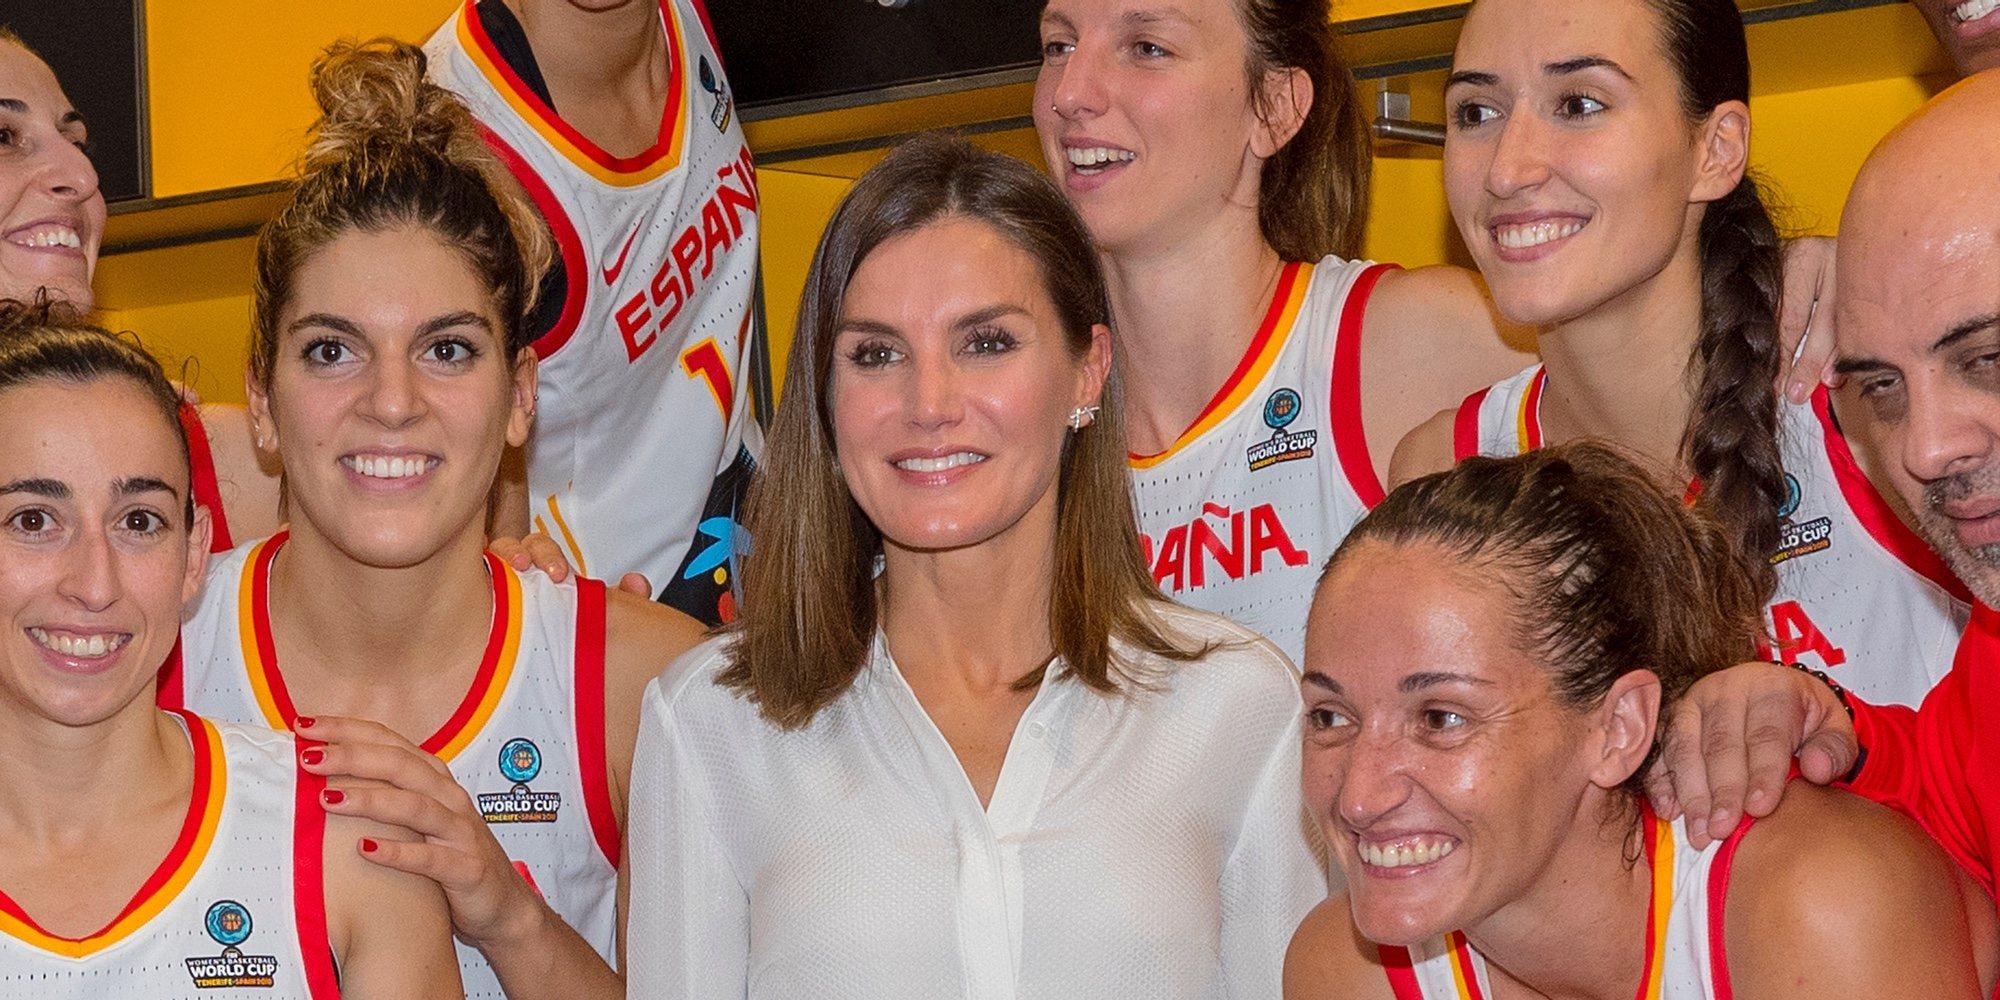 La Reina Letizia concede una inusual entrevista en la final de la Copa del Mundo de Baloncesto Femenino